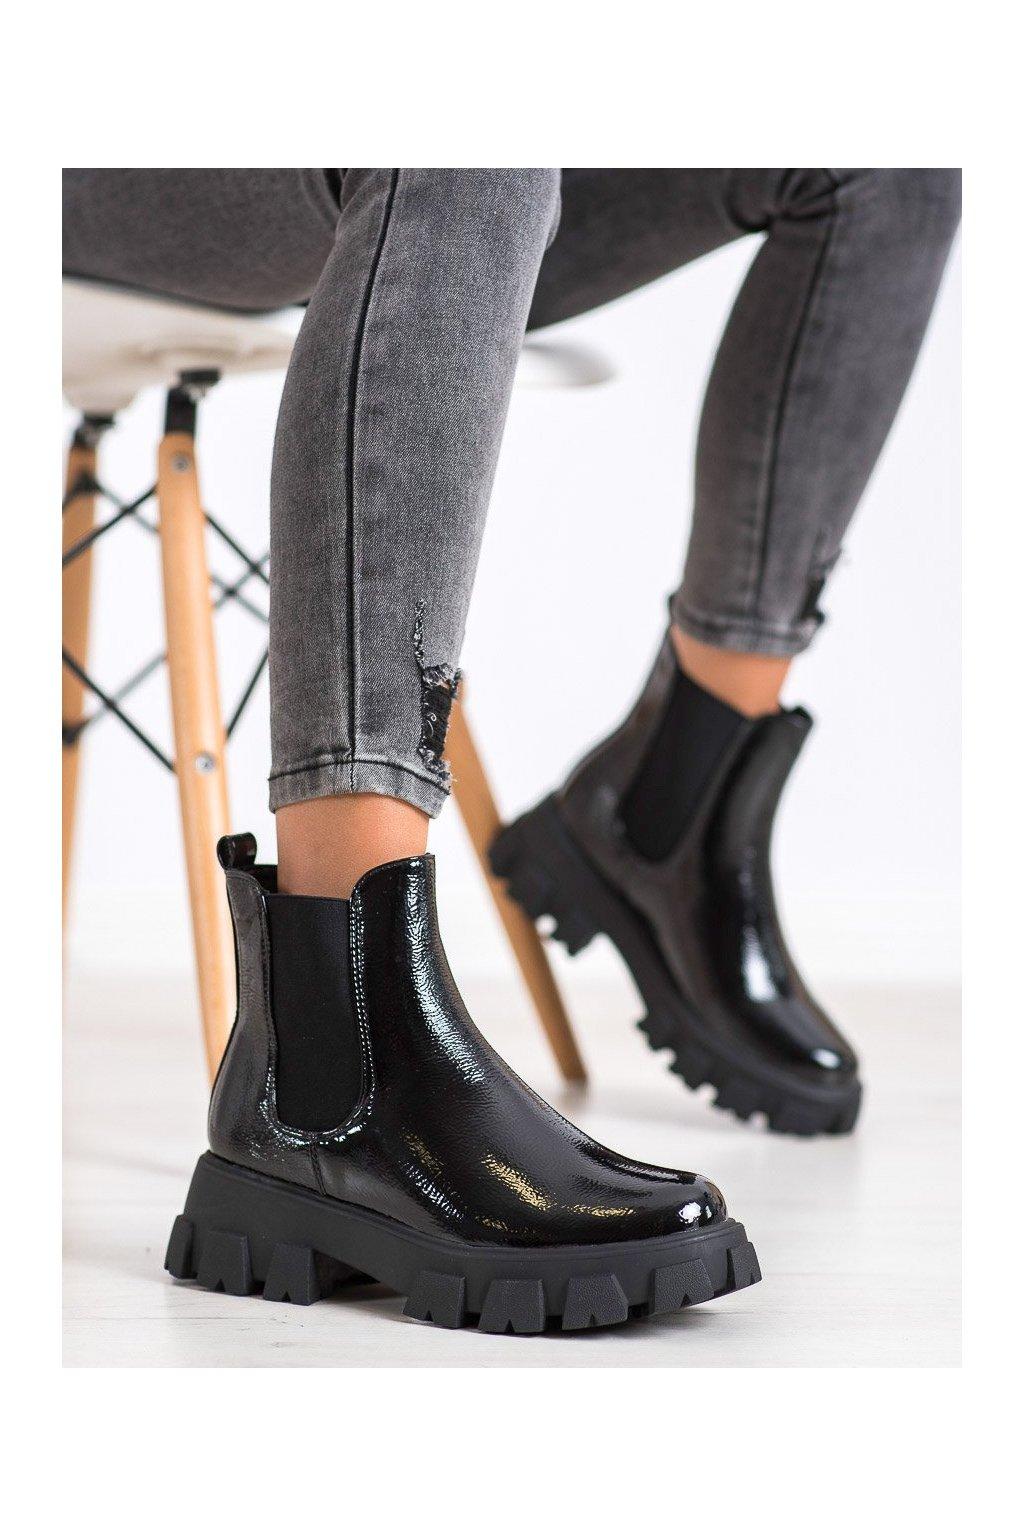 Čierne dámske topánky Shelovet kod T2172-1B